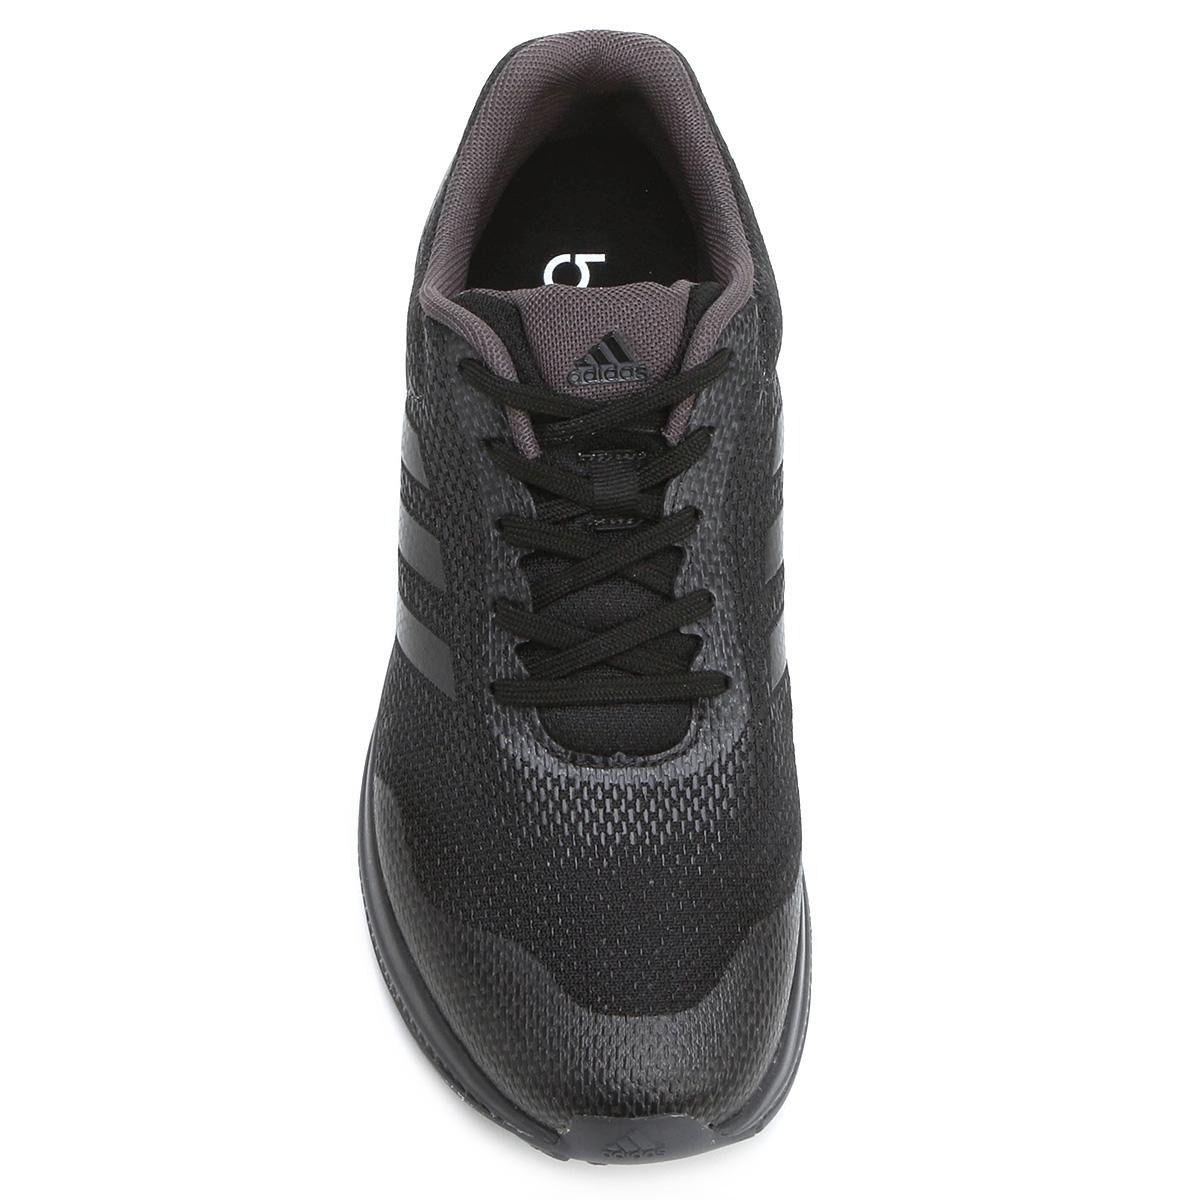 501adf4f4a60b Tênis Masculino Adidas Mana Bounce 2 Aramis - BRACIA SHOP  Loja de ...